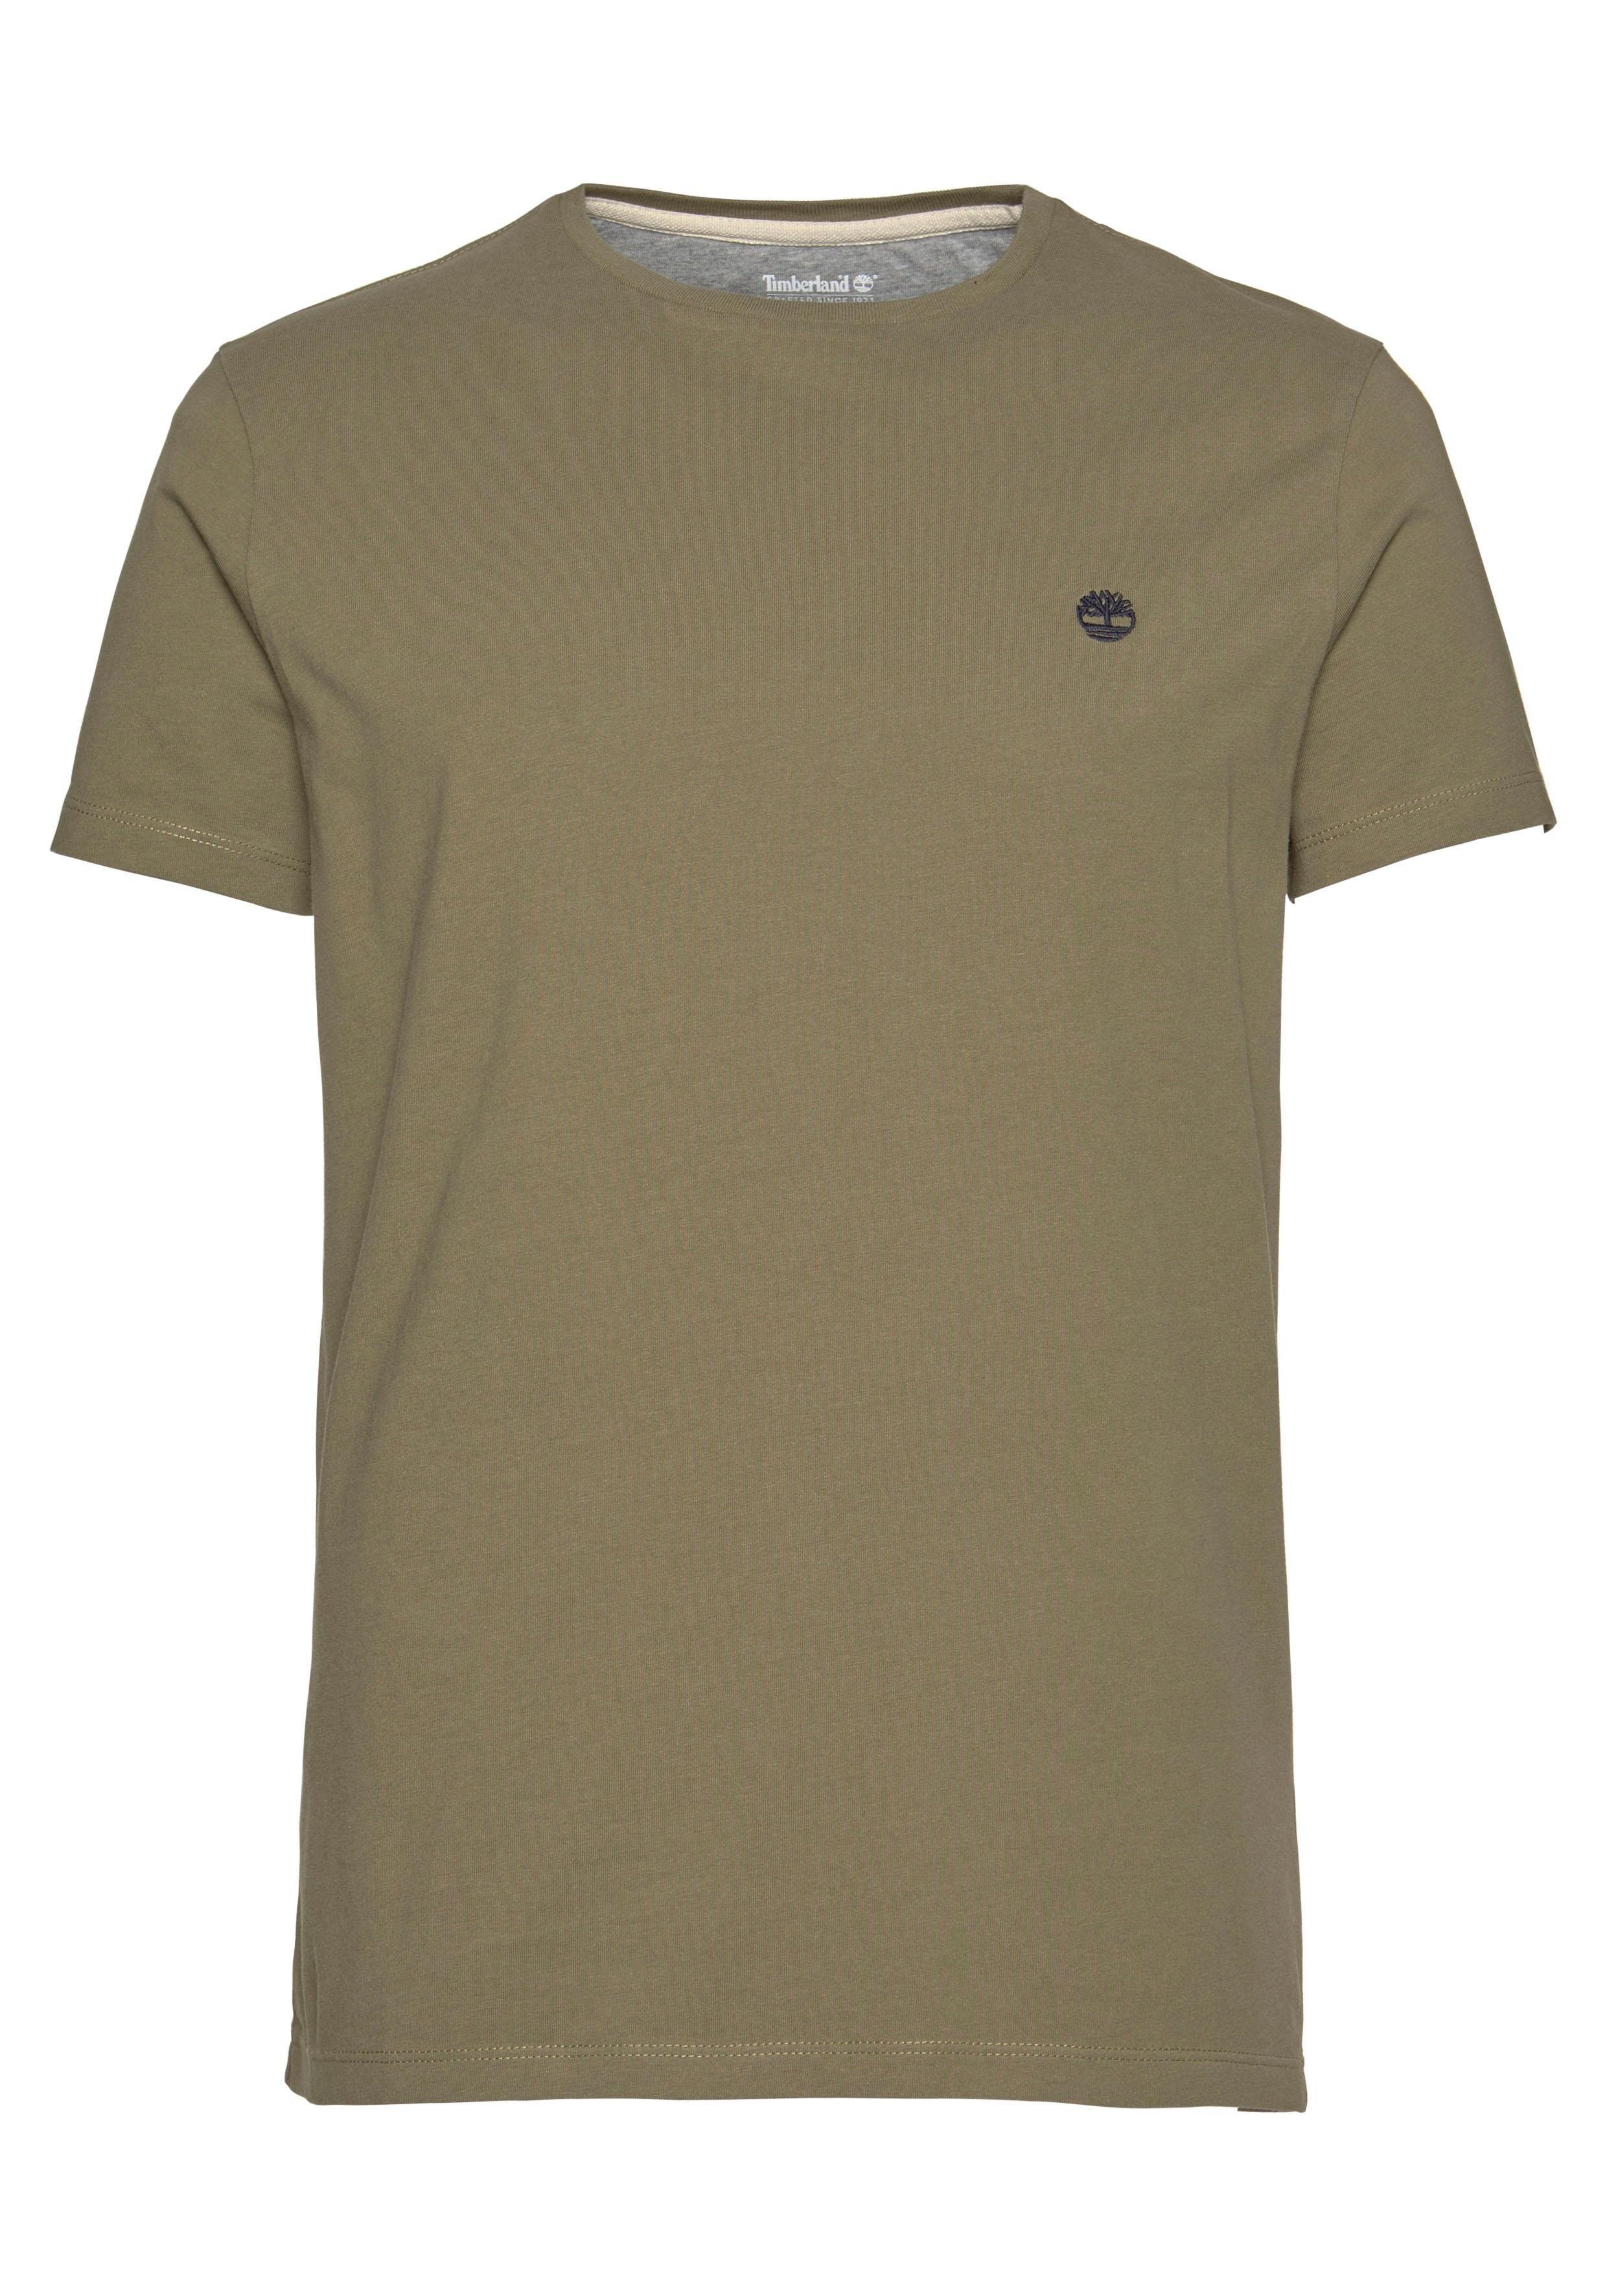 shirt De Online In Timberland T Shop K1Jc3lFT